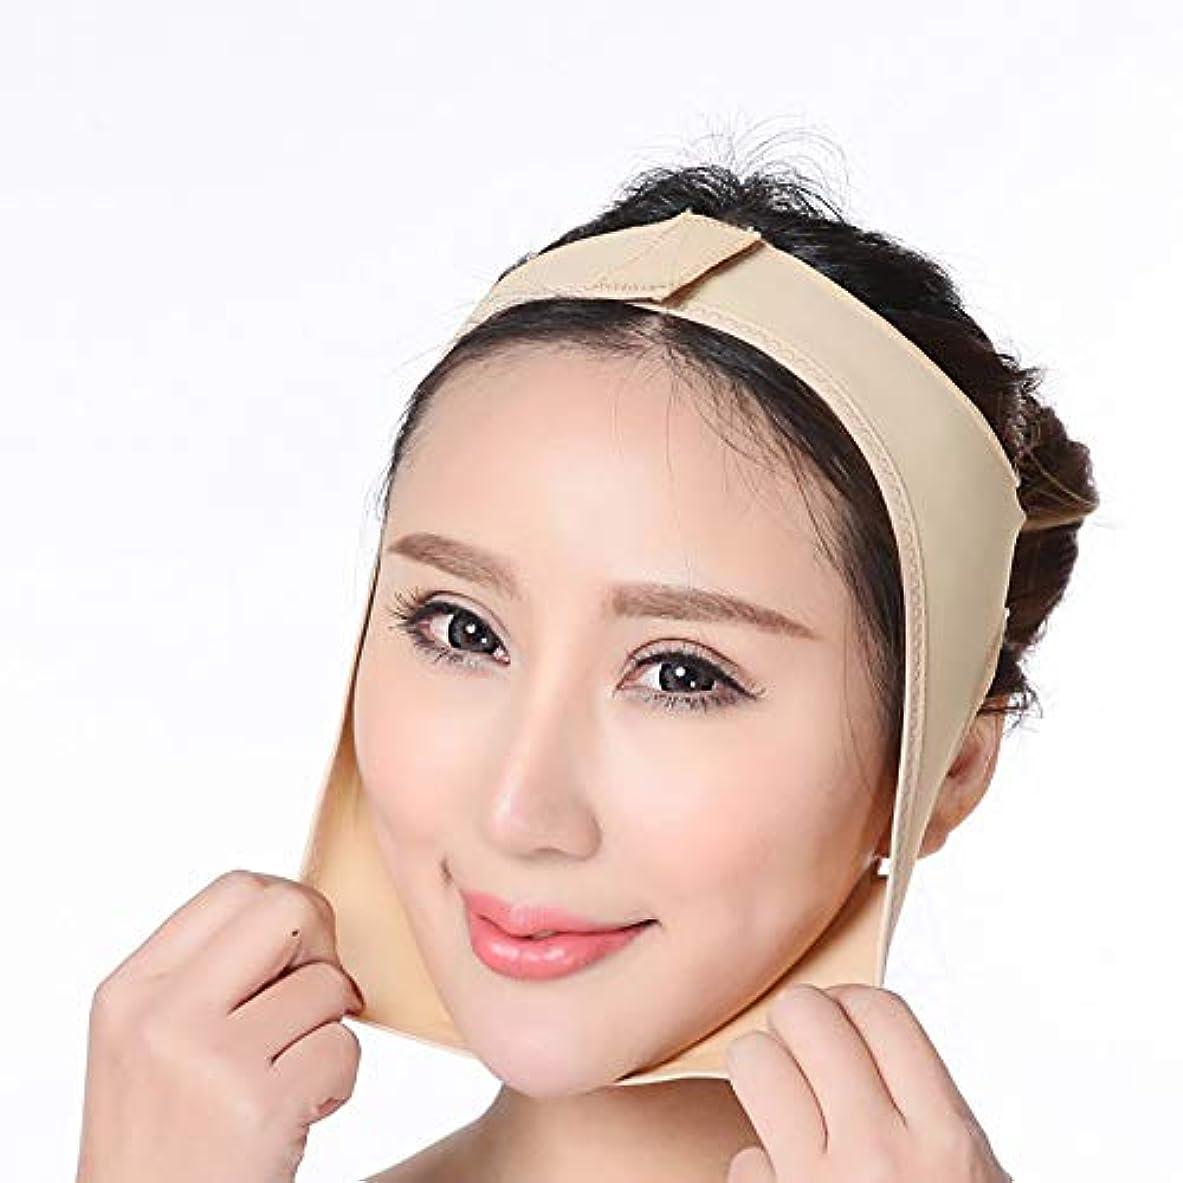 耳乳白真夜中あごを引き締める顔のリフティングフェイスバンデージ、簡単に作成できるVフェイス、調整可能なフェイスリフティングマスク、S/M/L/XL